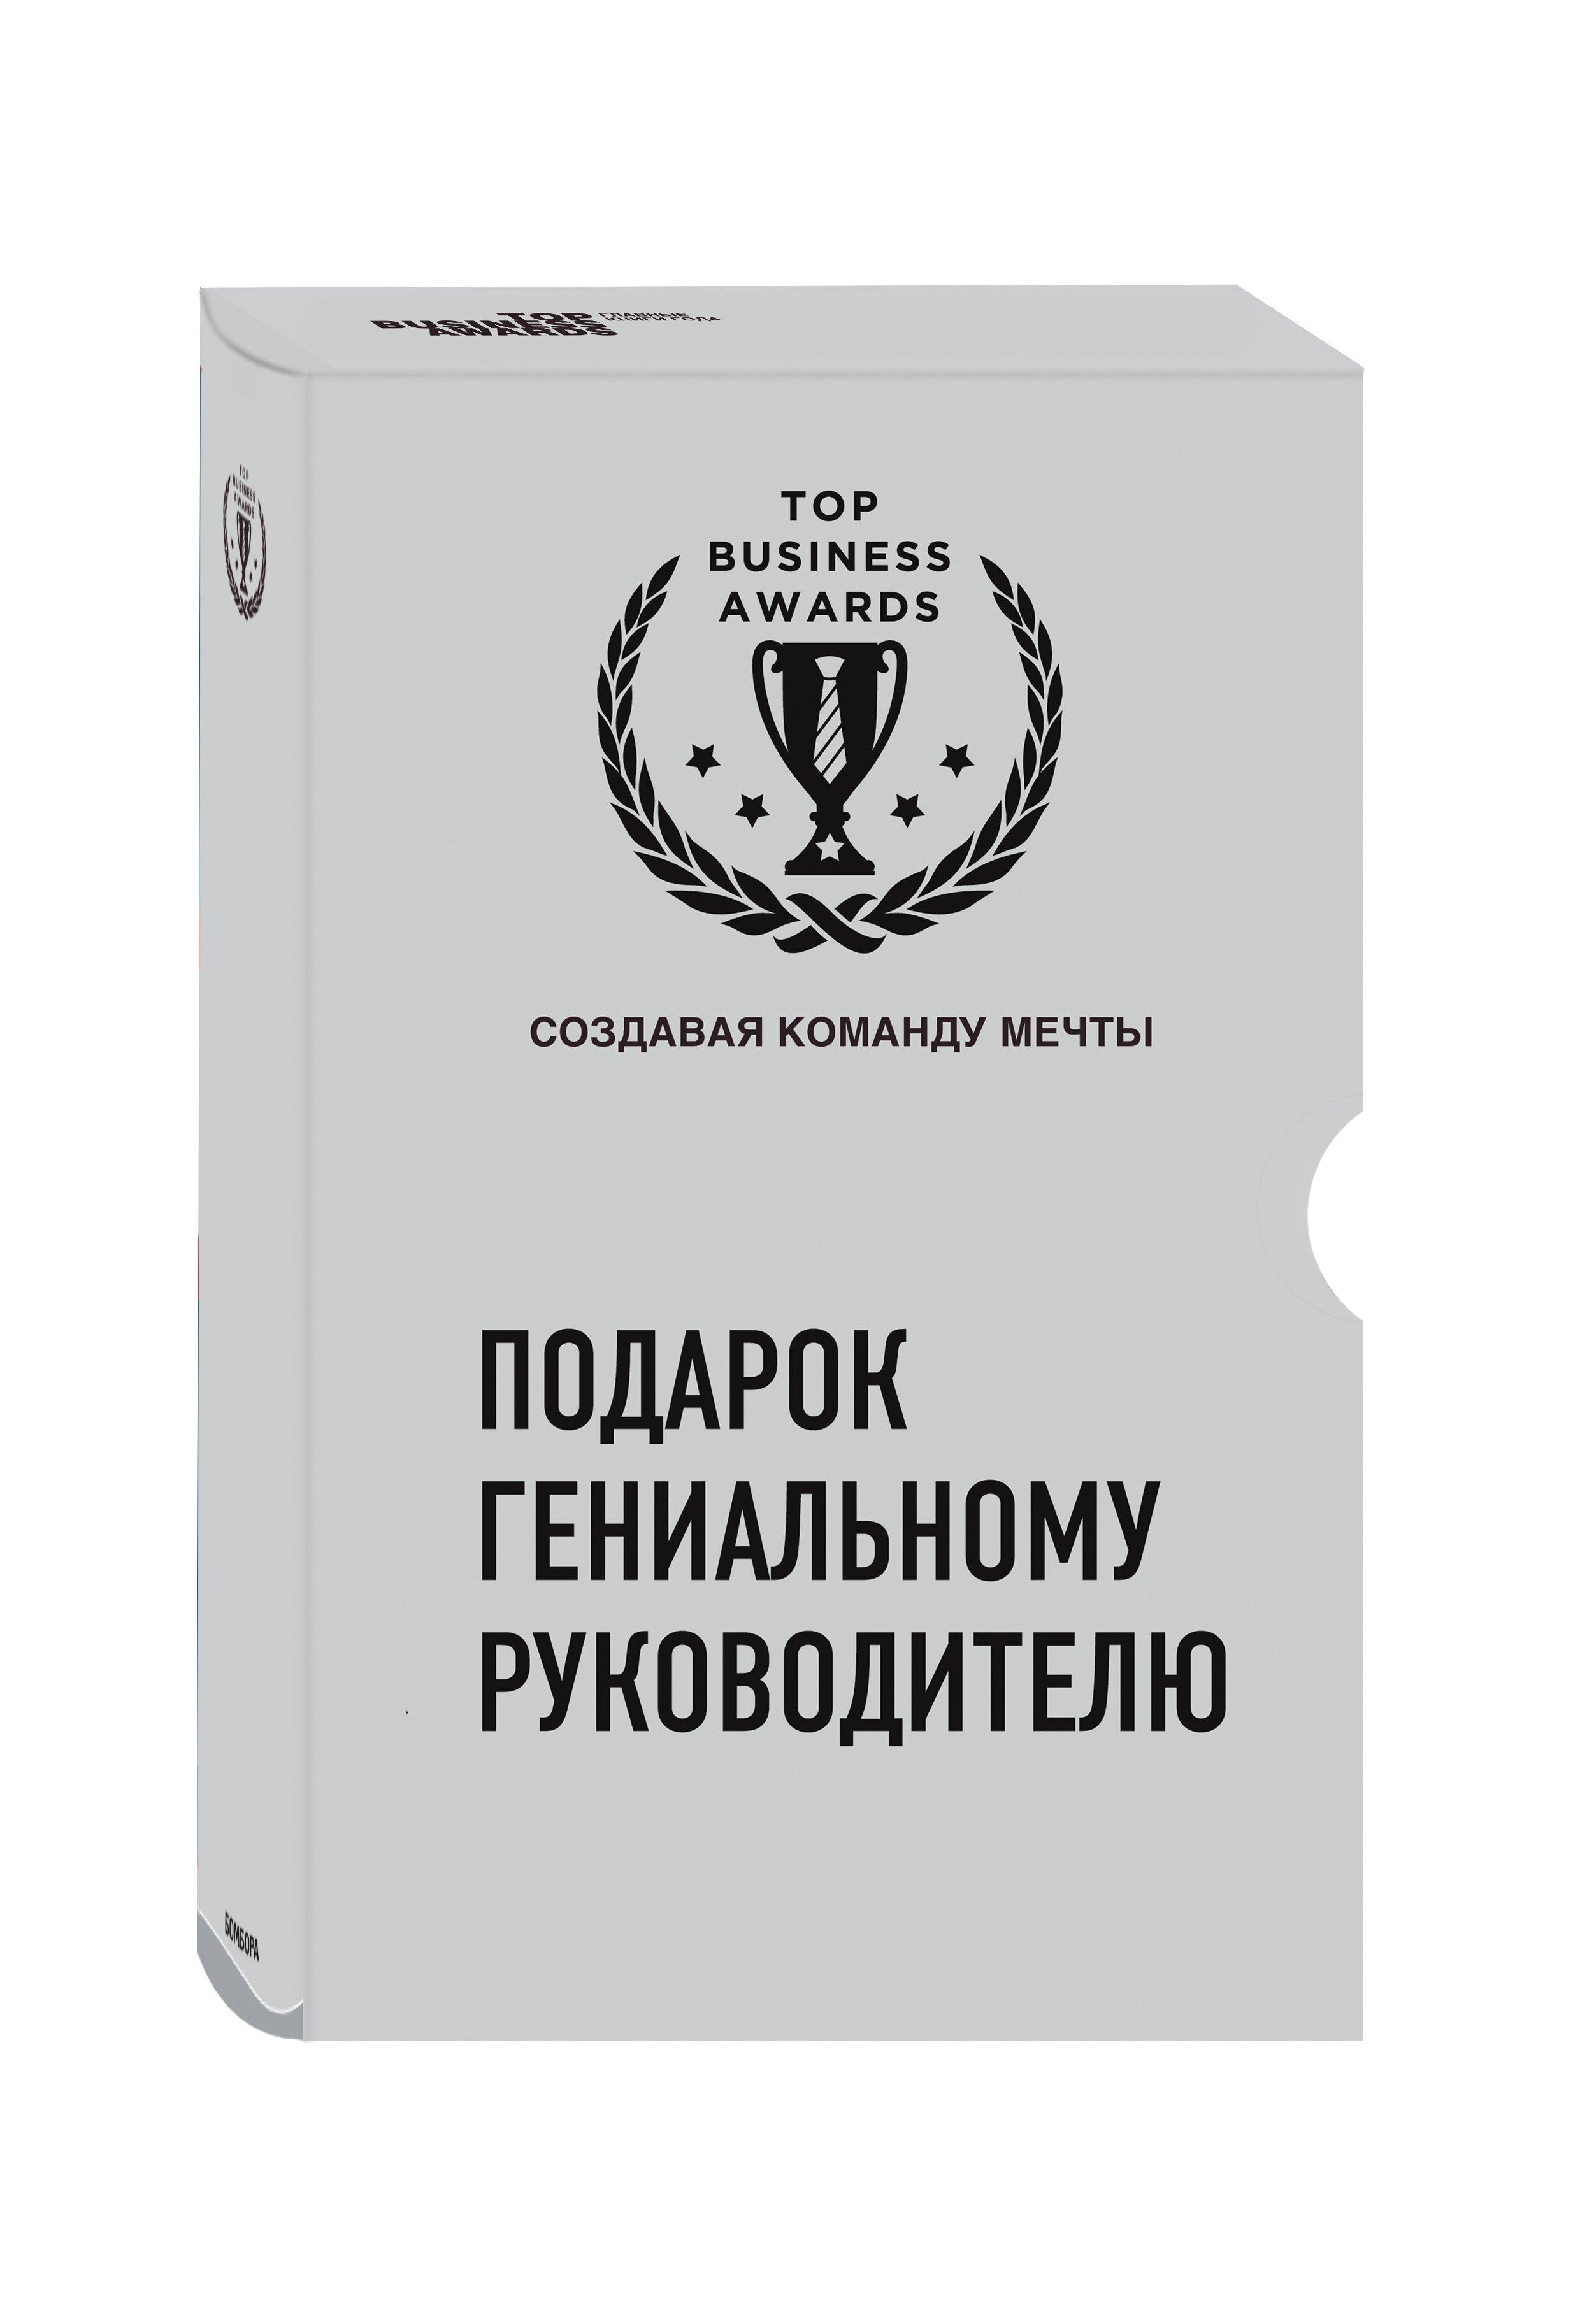 Подарок гениальному руководителю (Создавая команду мечты) (2 книги)